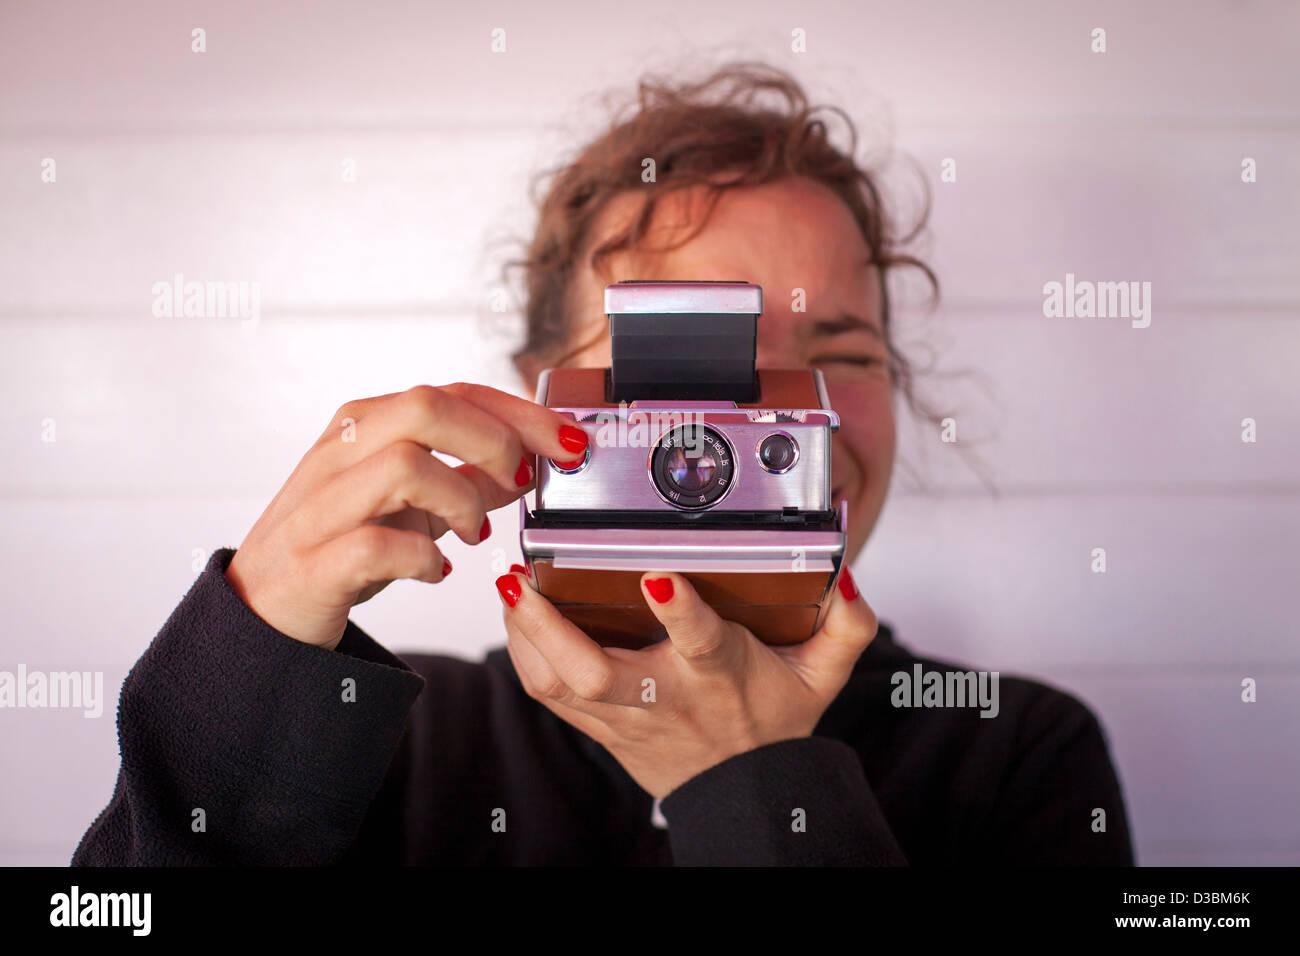 Fille de prendre une photo avec un appareil Polaroïd. Photo Stock